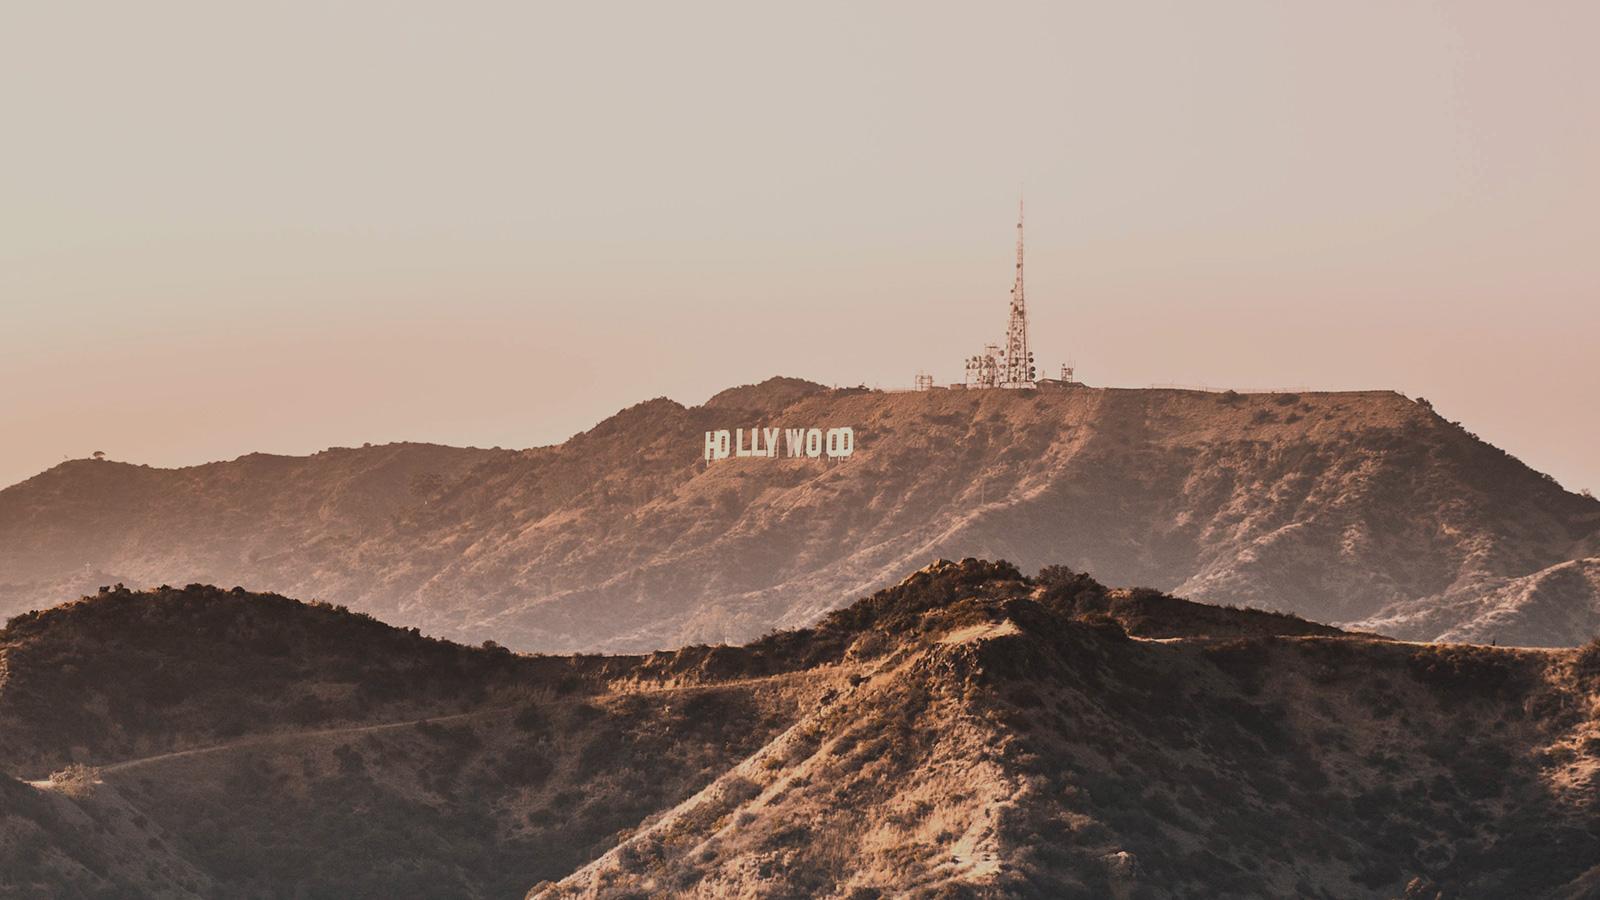 48 histoires confidentielles dans les coulisses d'Hollywood